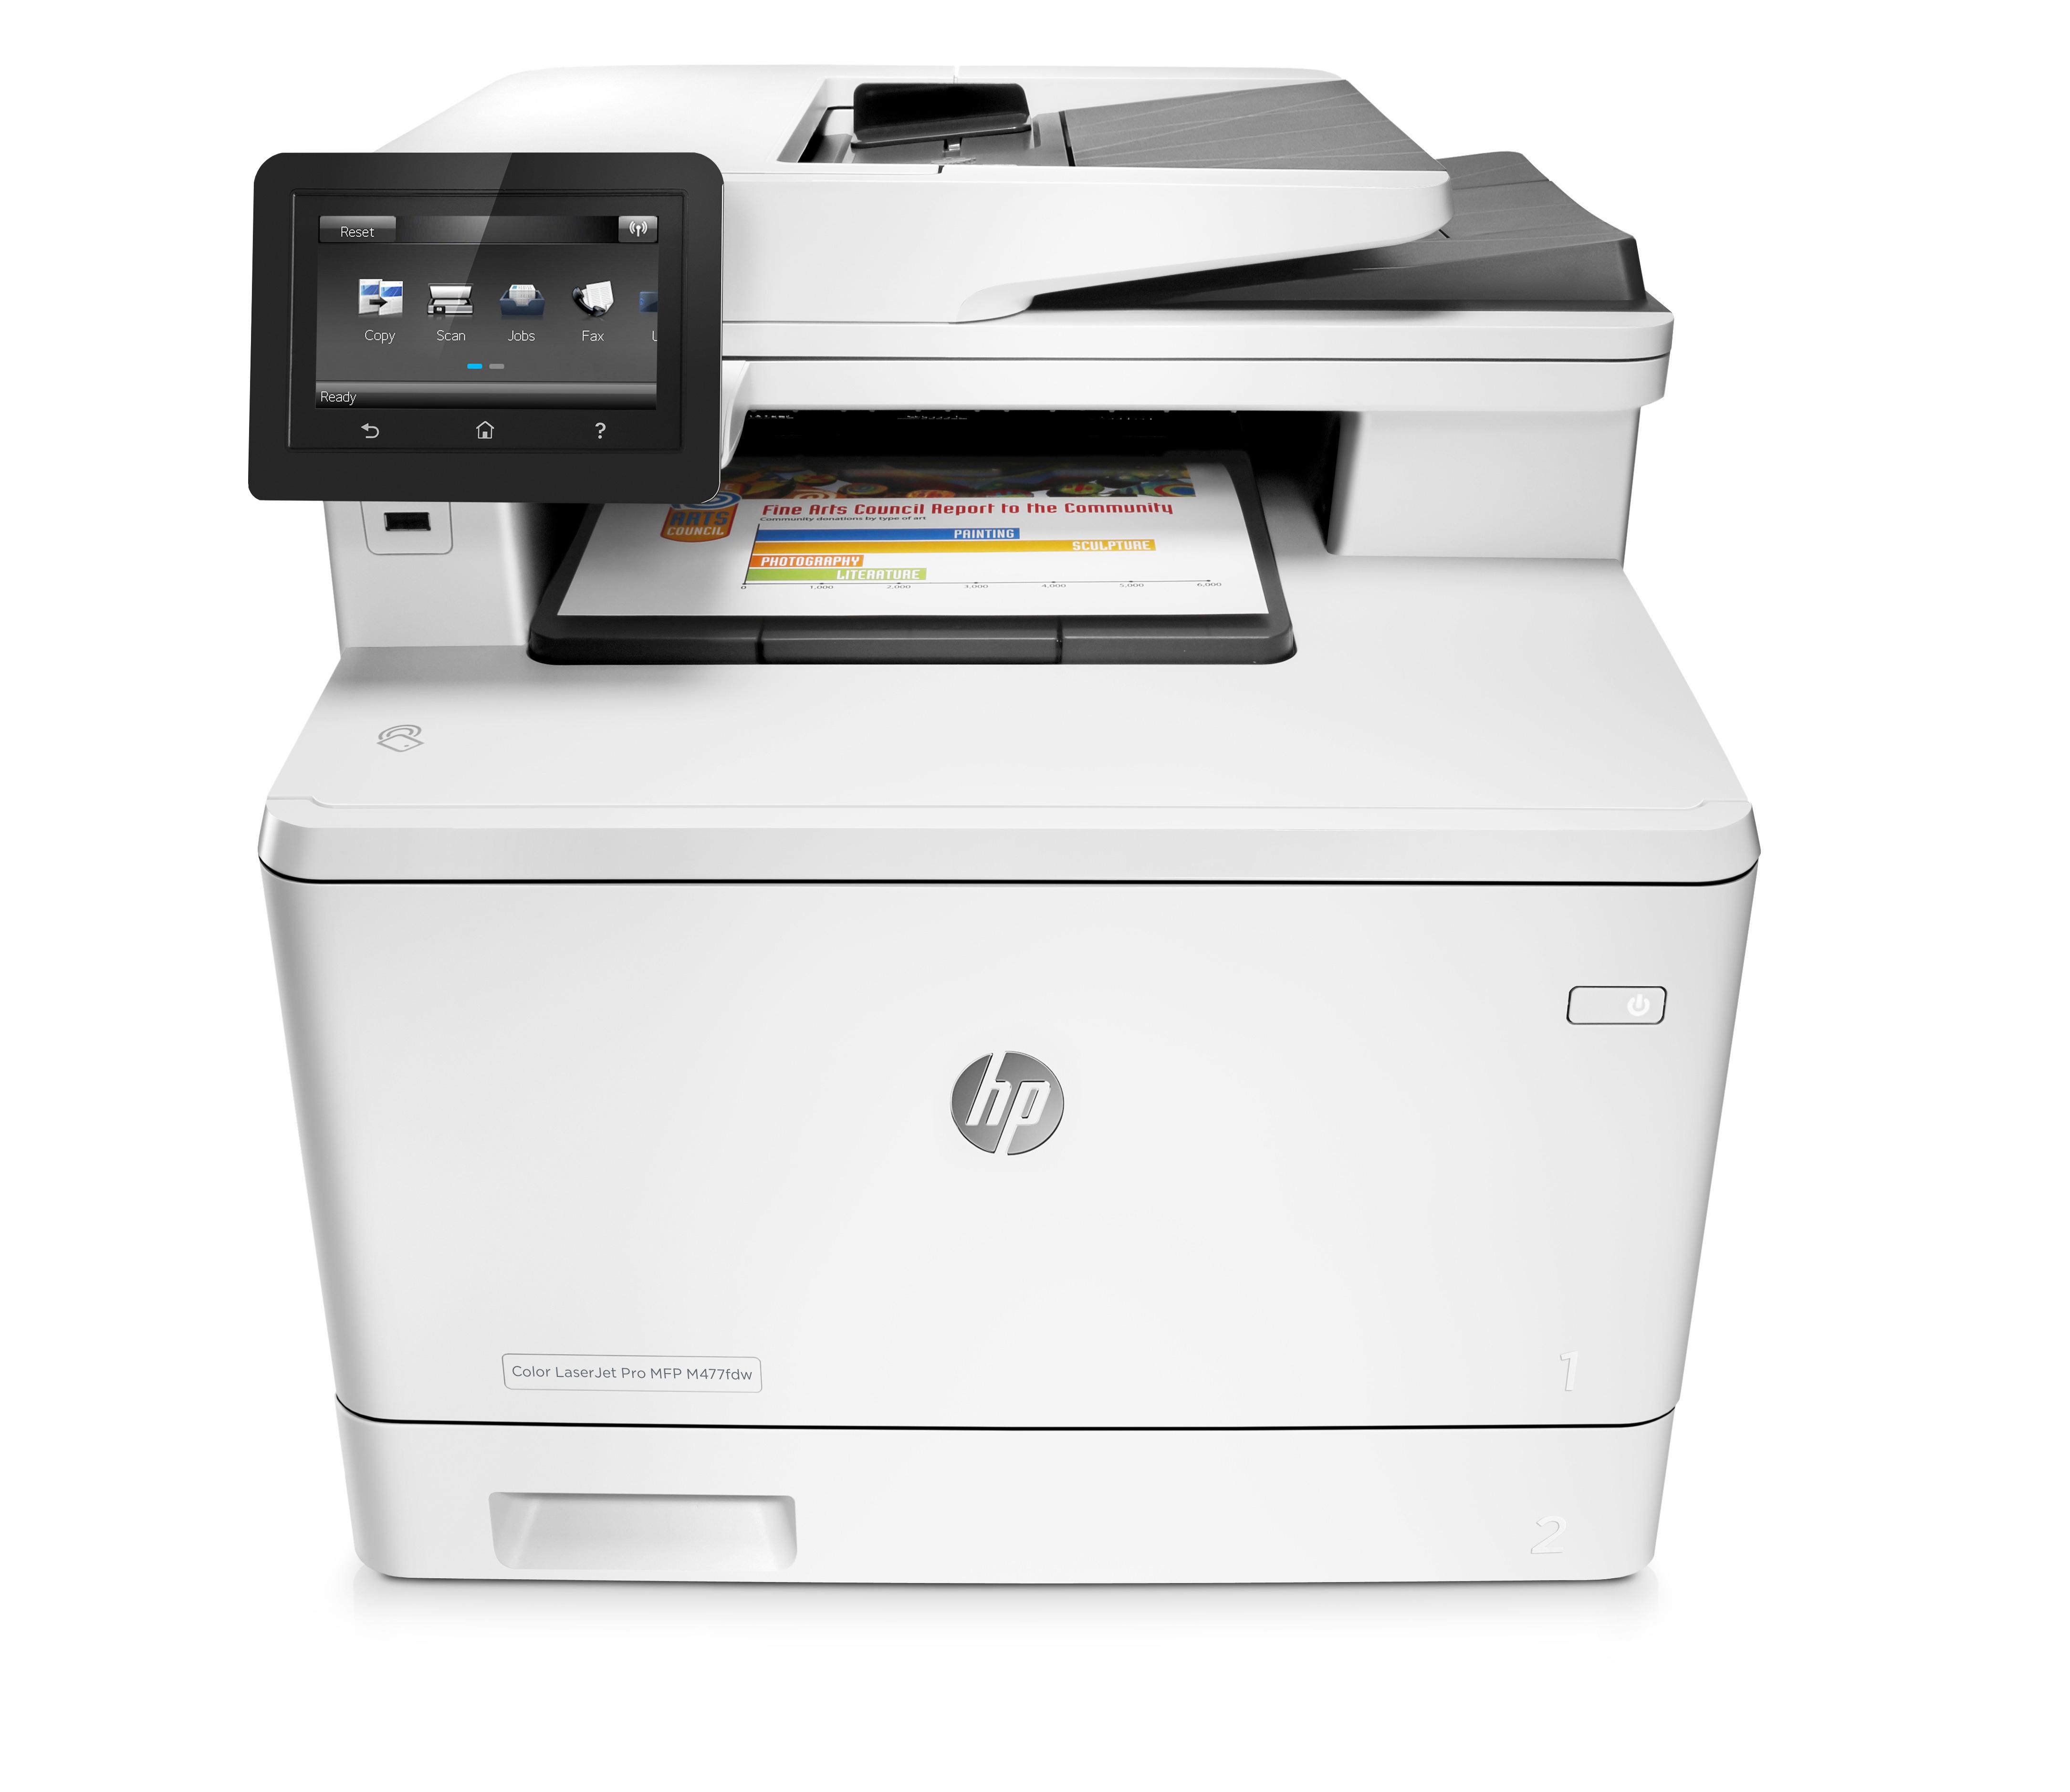 HP LaserJet Pro MFP M477fdw Laser A4 Wi-Fi Grey